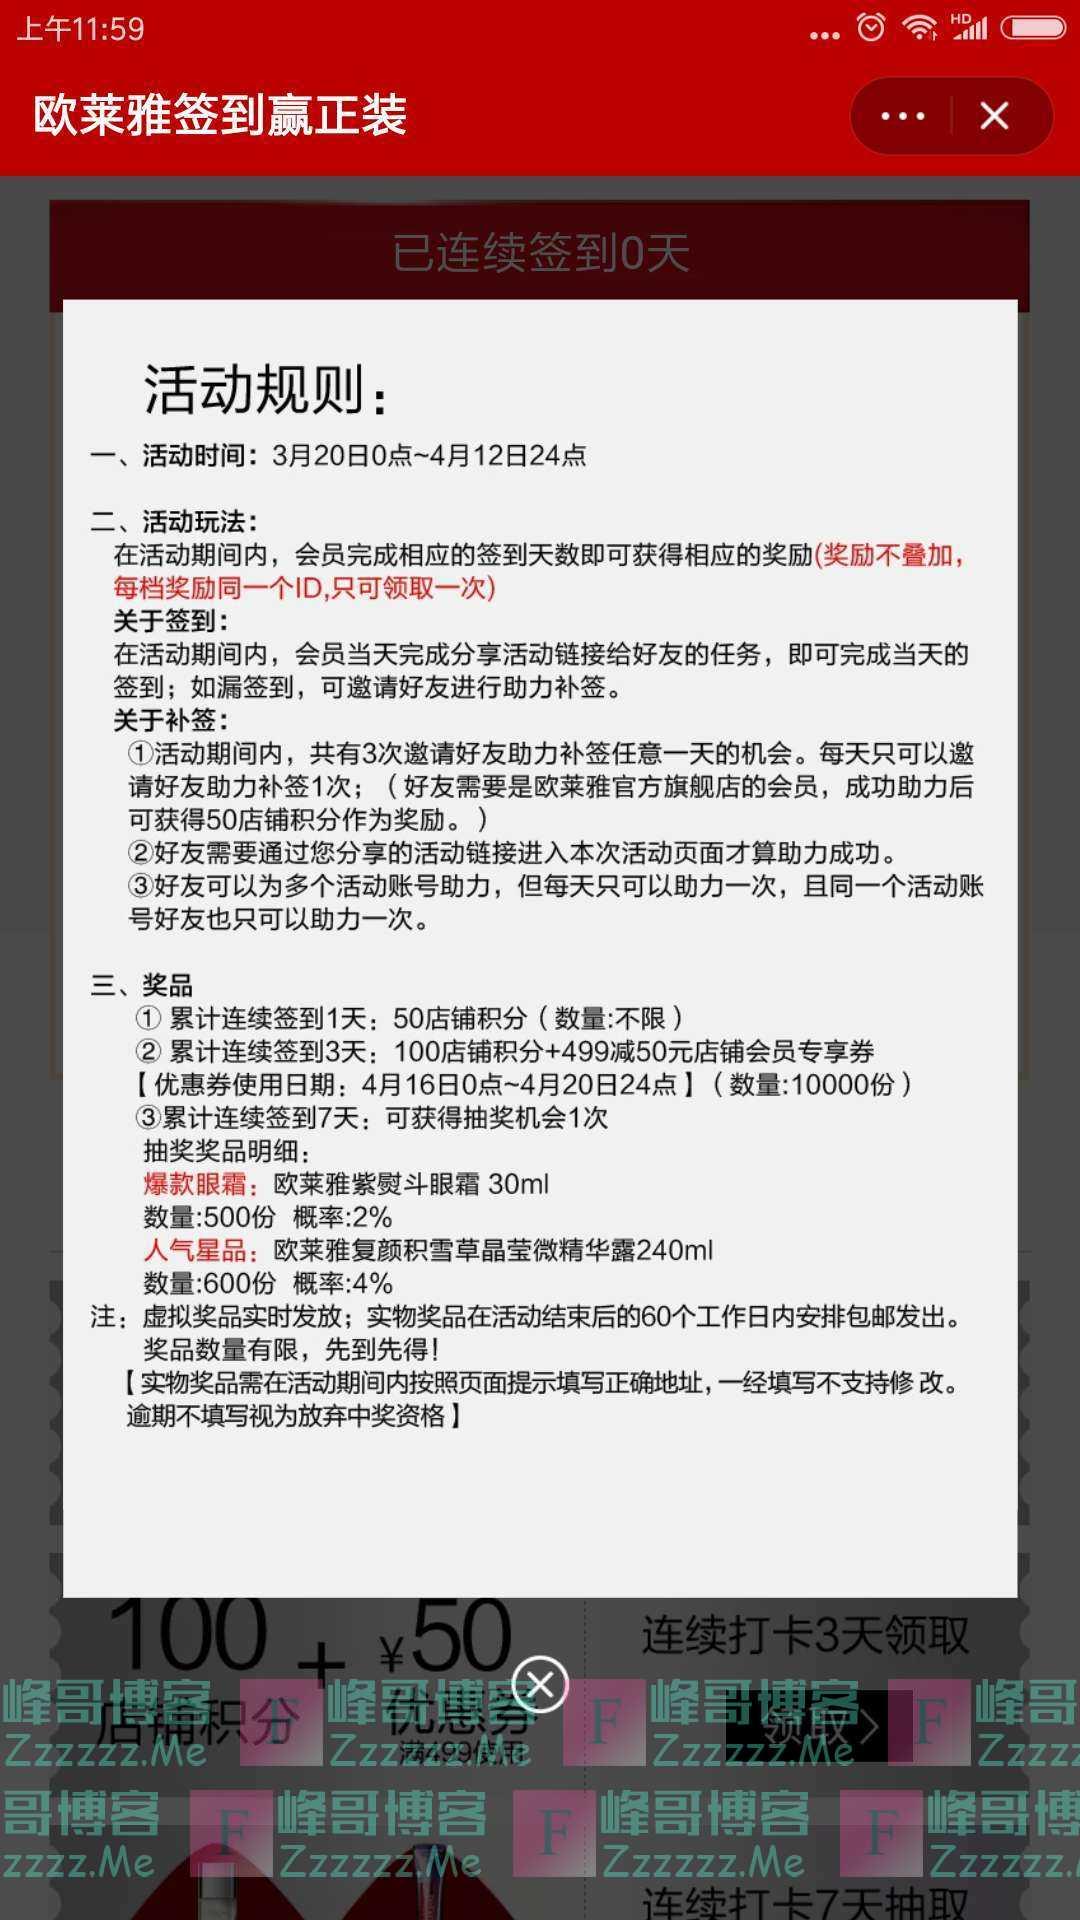 欧莱雅签到打卡赢正装(截止4月12日)